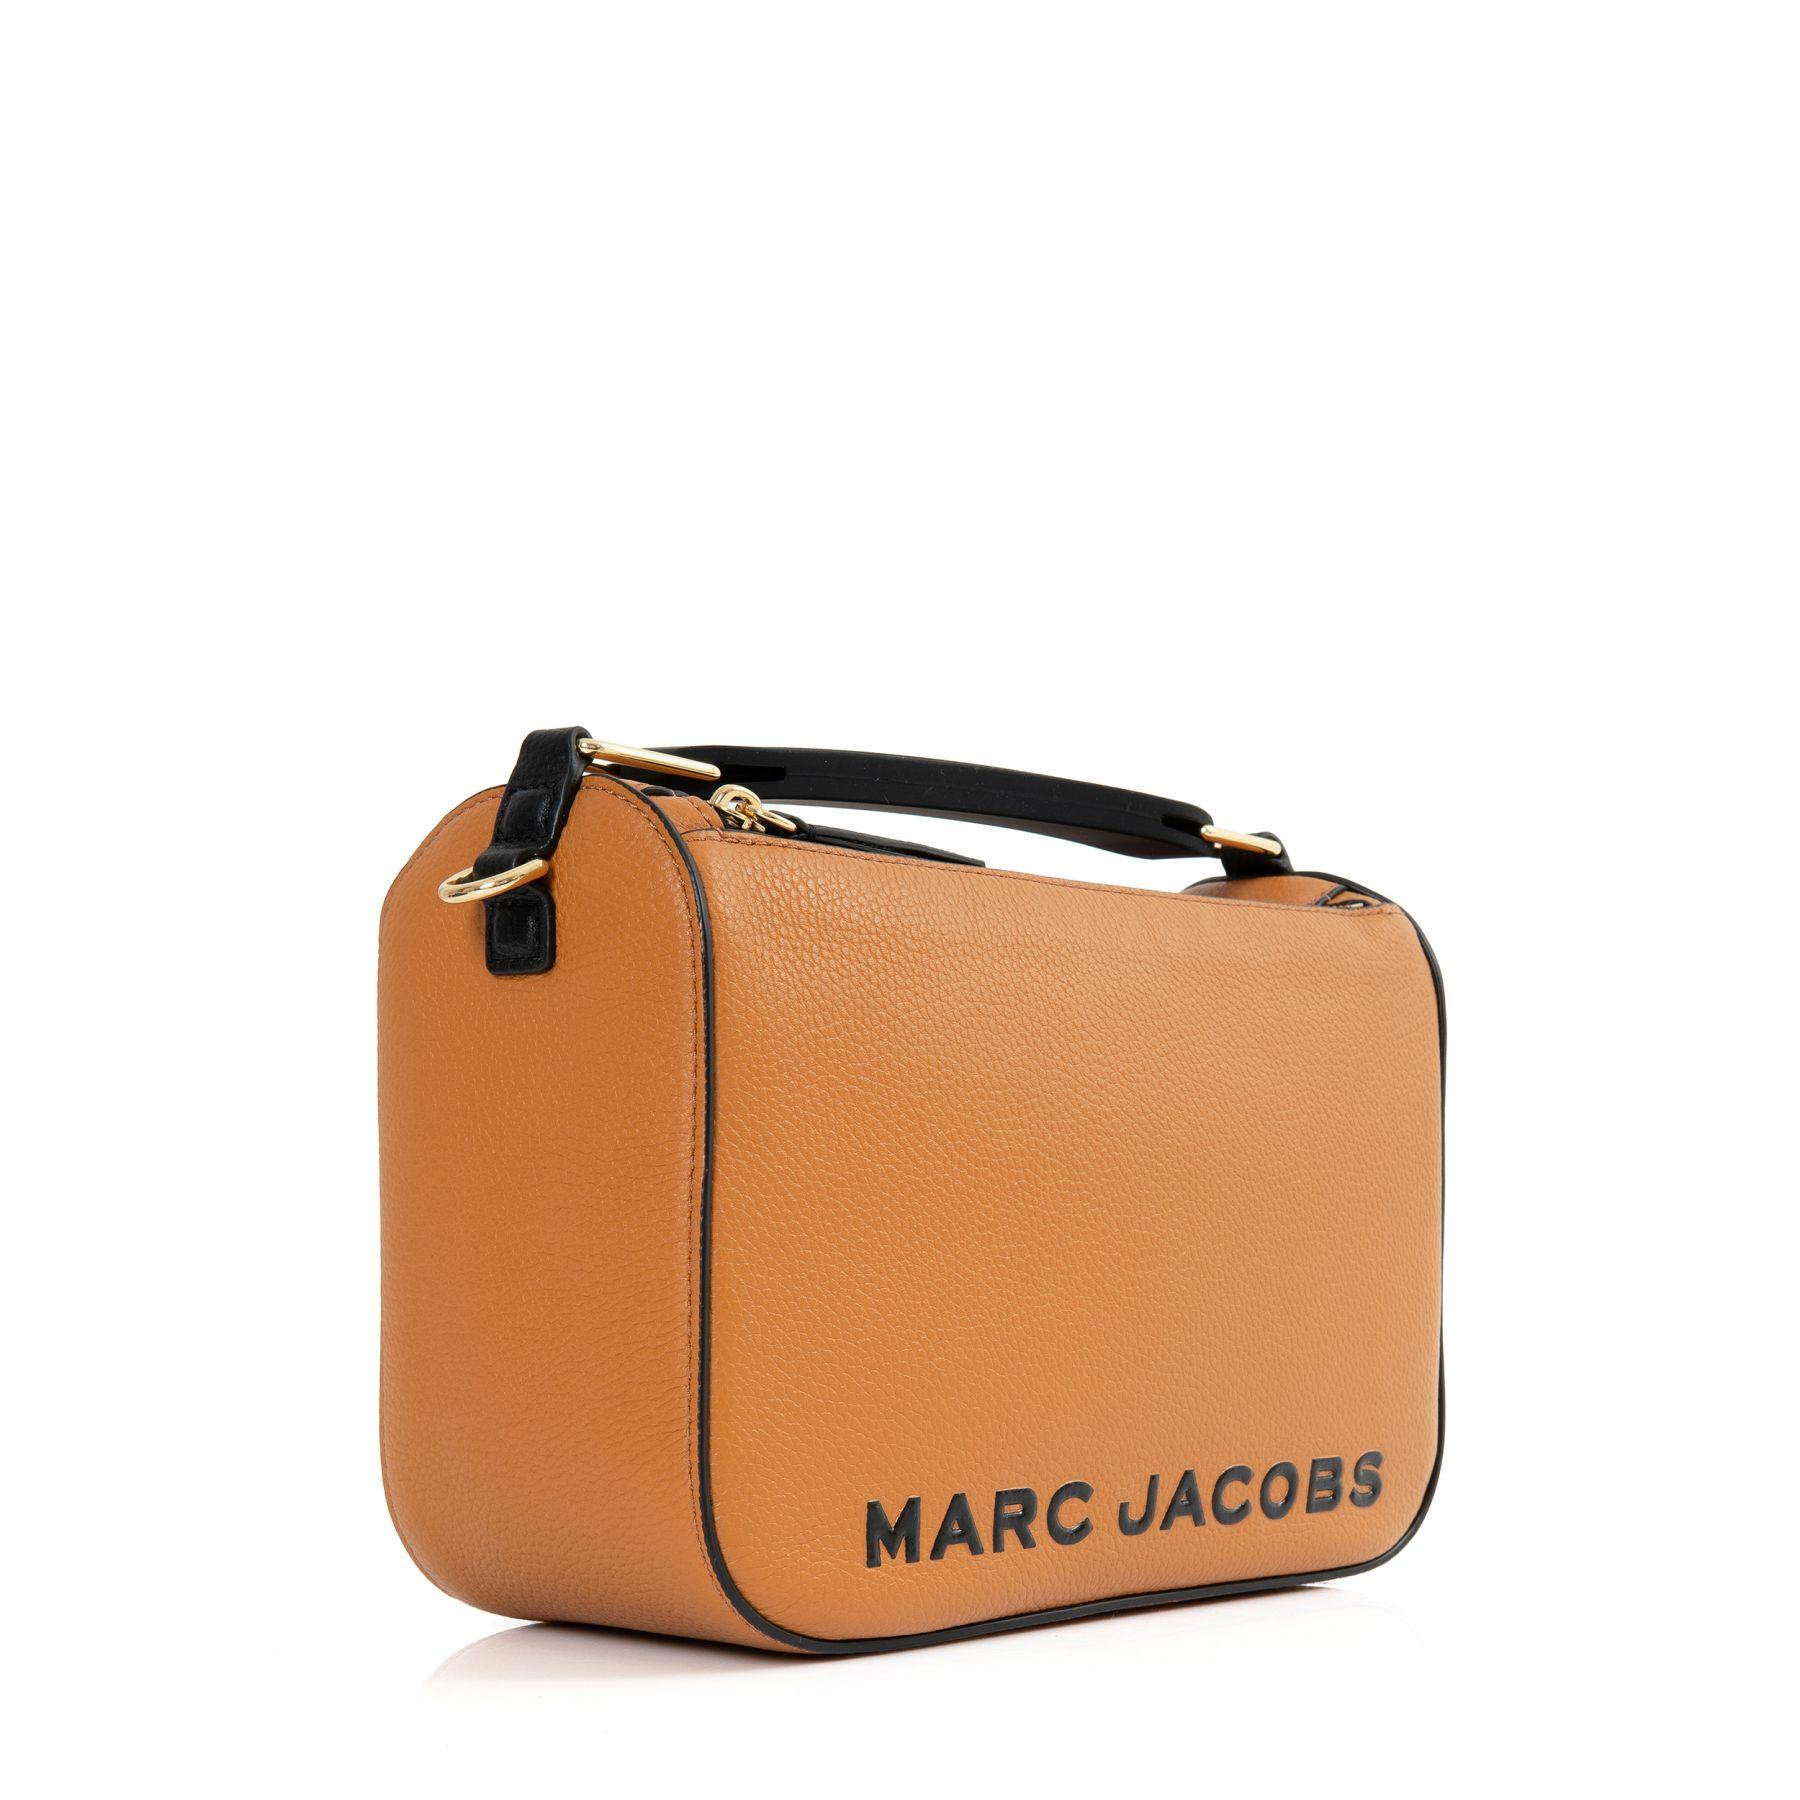 Сумка Marc Jacobs THE SOFTBOX оранжевая